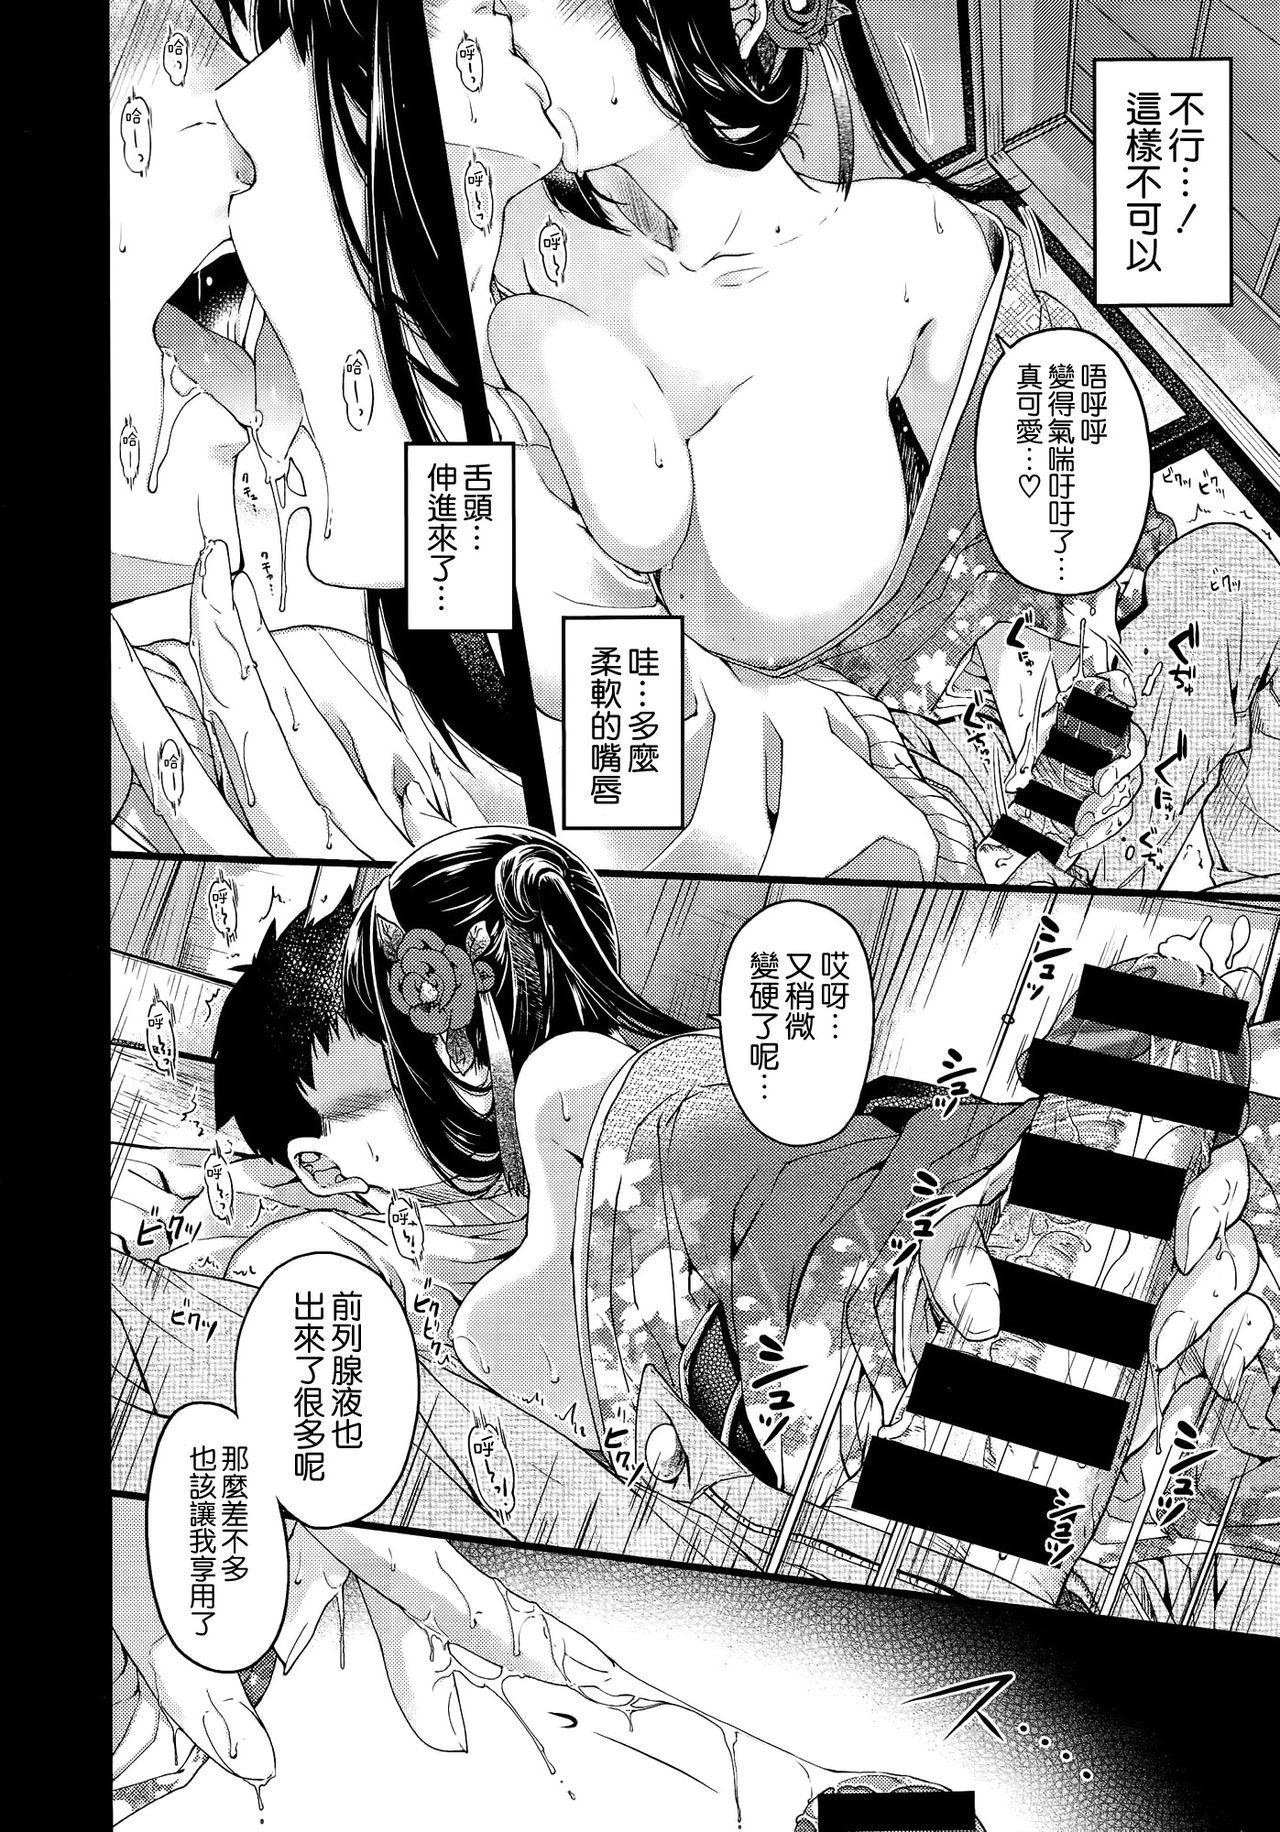 Youma to Tsuya no Houteishiki 9